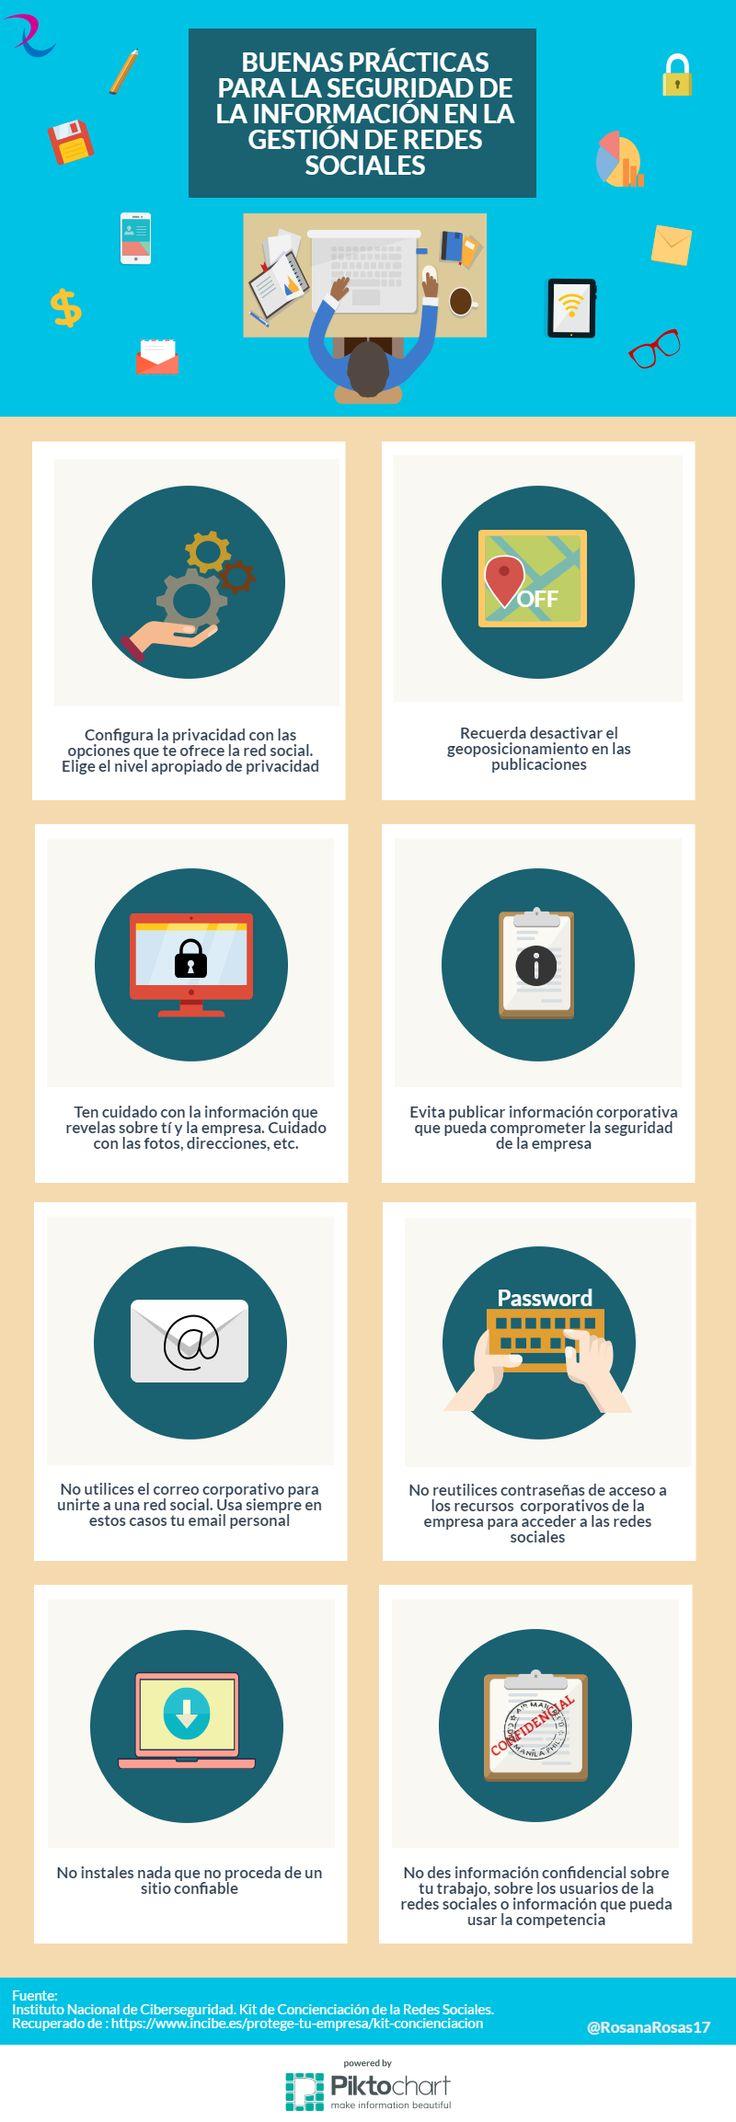 Guía de Buenas Prácticas para la Seguridad de la Información en la Gestión de Redes Sociales